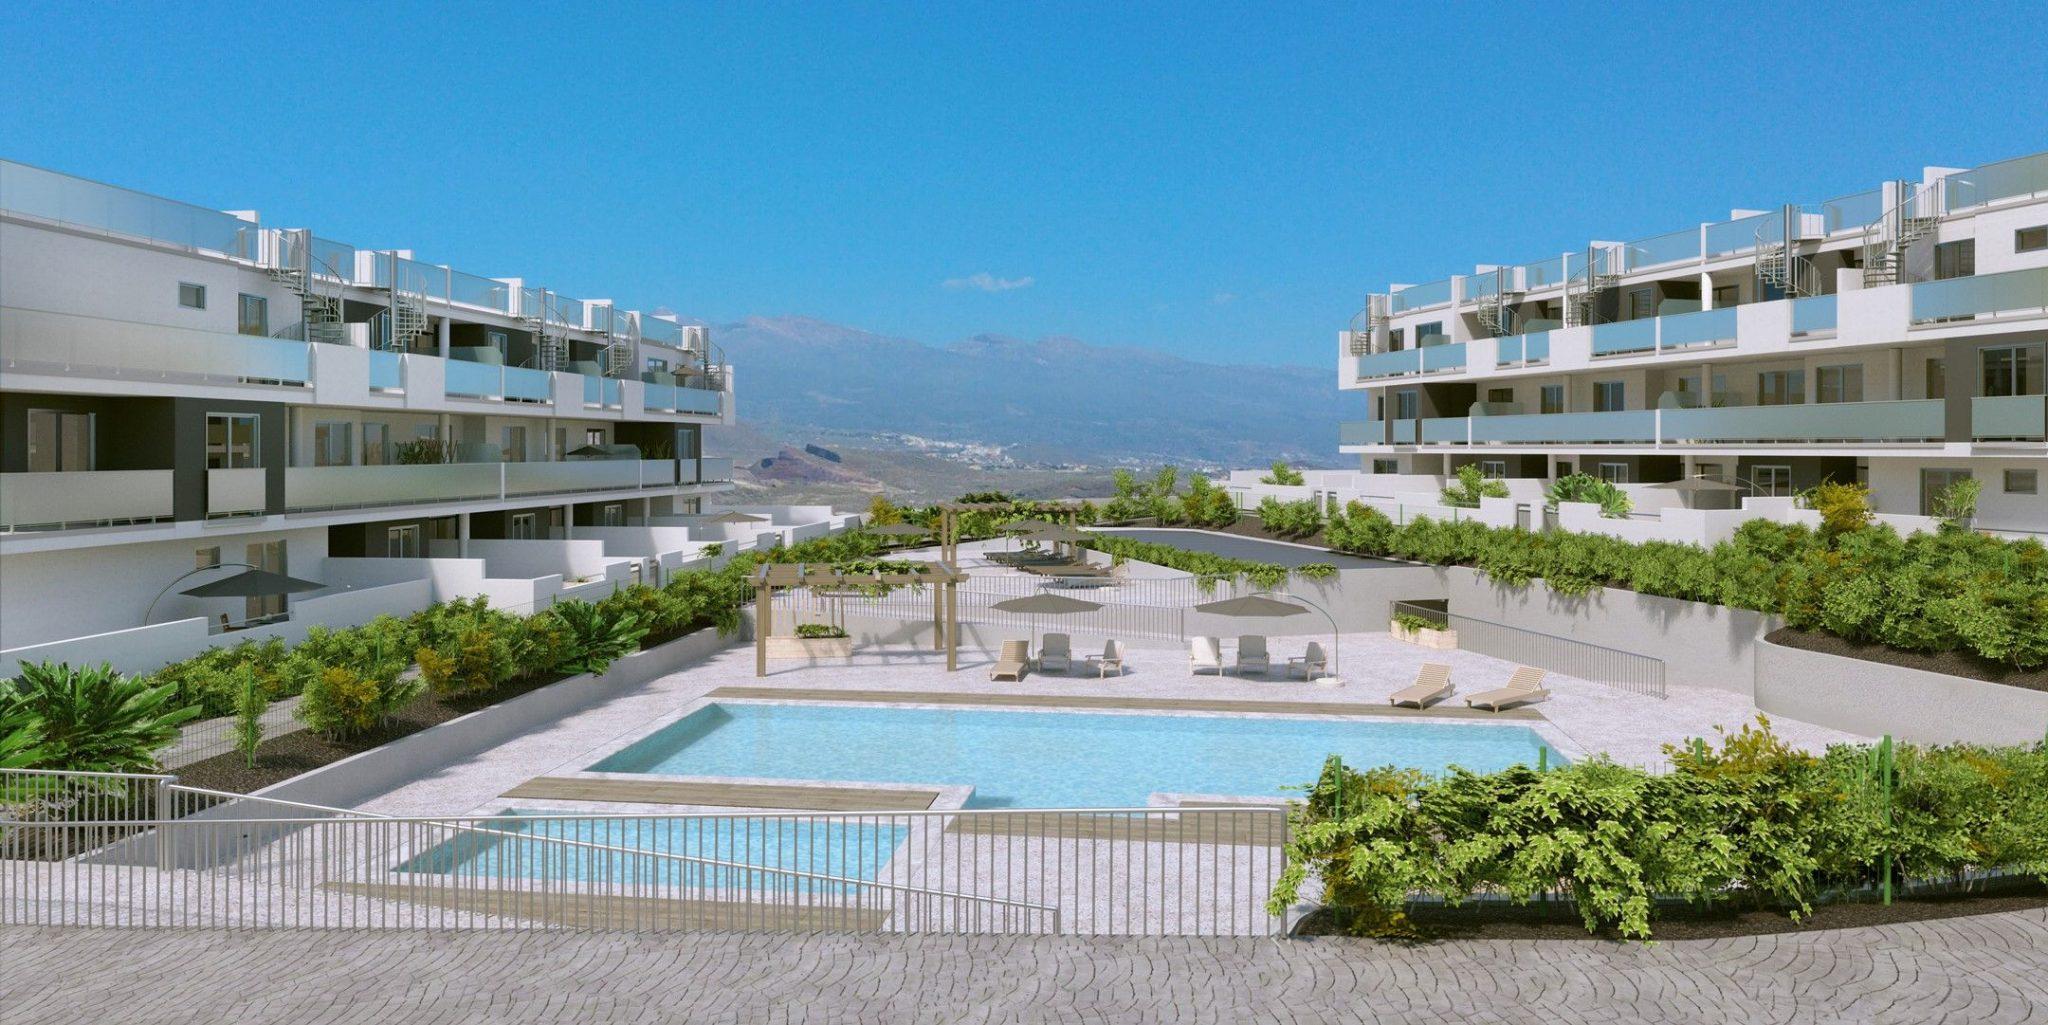 Apartamentos en el sur de tenerife las terrazas ii for Apartamentos en el sur de tenerife ofertas